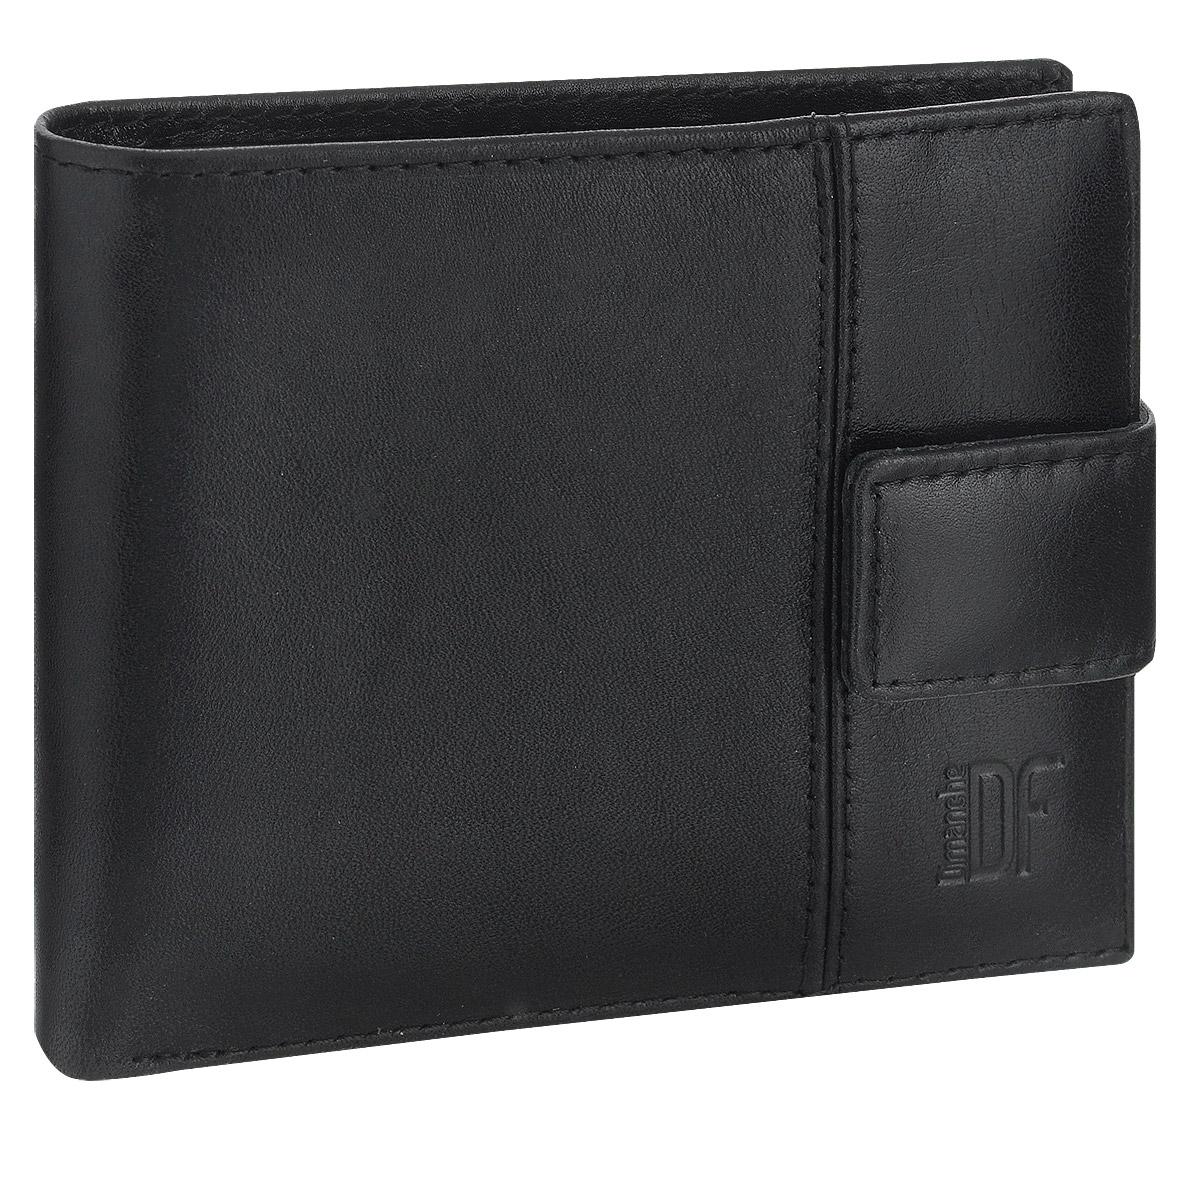 Портмоне мужское Dimanche Classic, цвет: черный. 894 портмоне мужское cangurione цвет черный 1214 001 v black